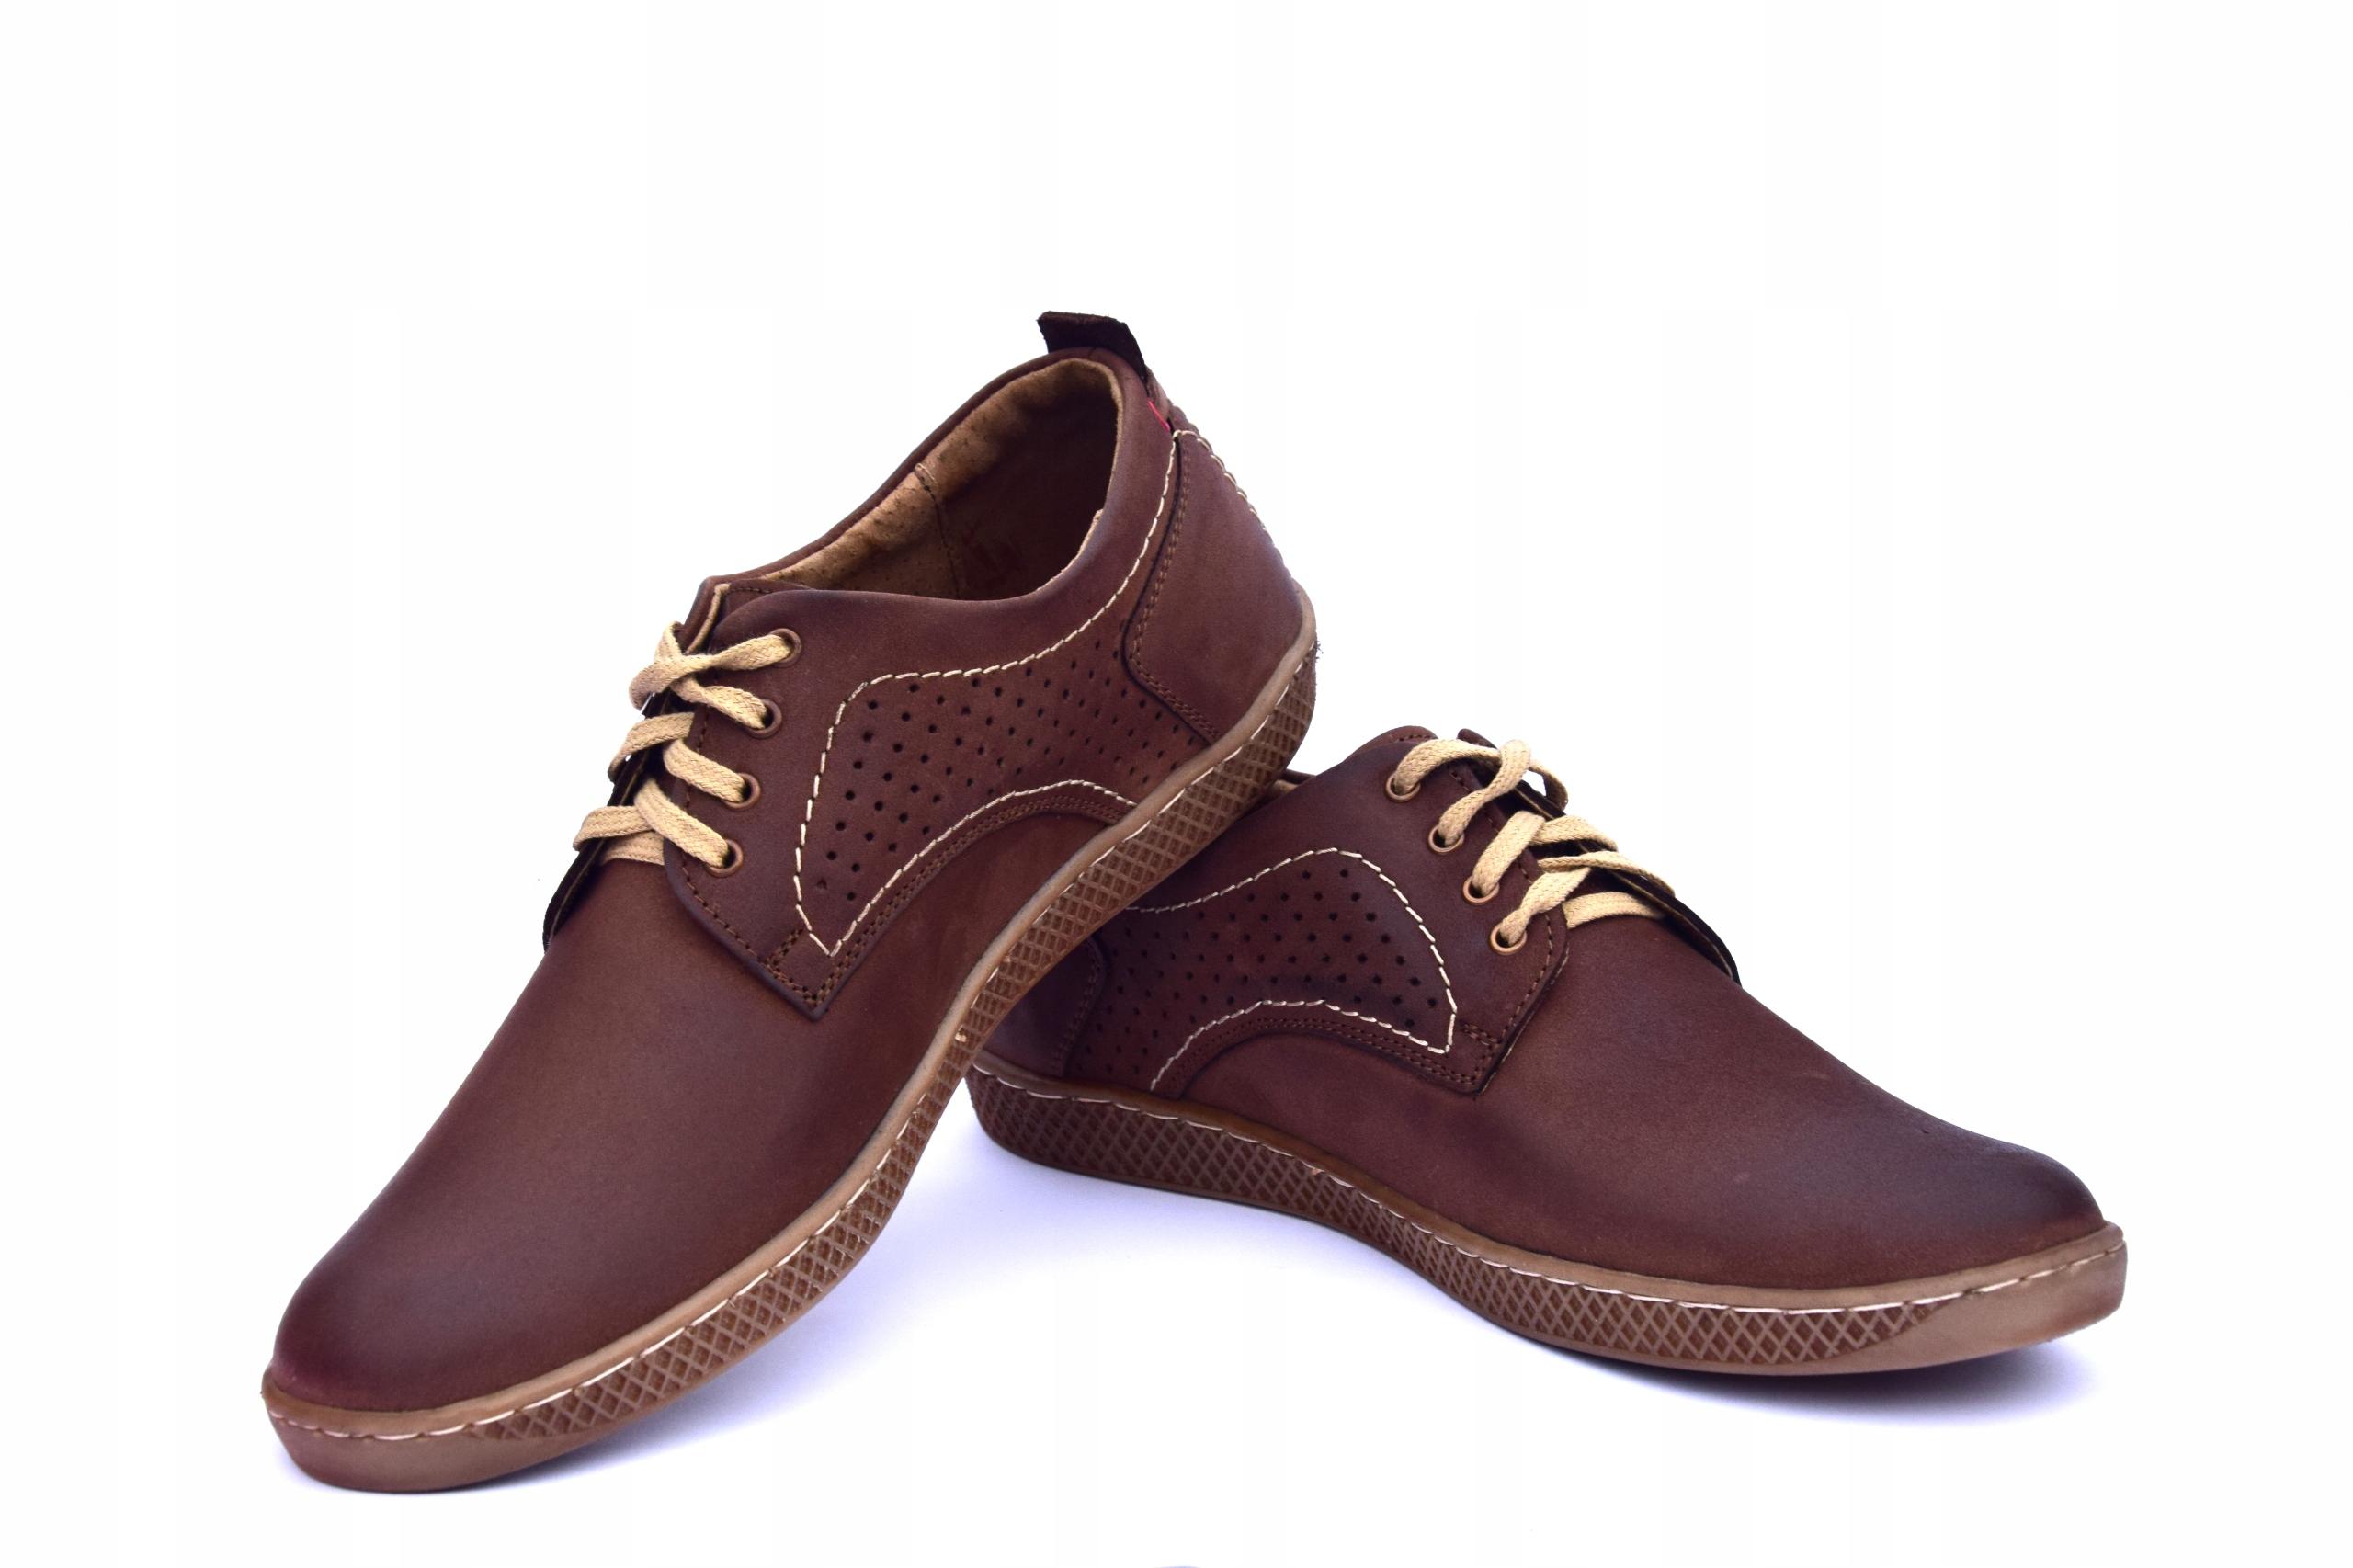 Półbuty skórzane męskie brązowe buty polskie 302 Okazja eleganckie